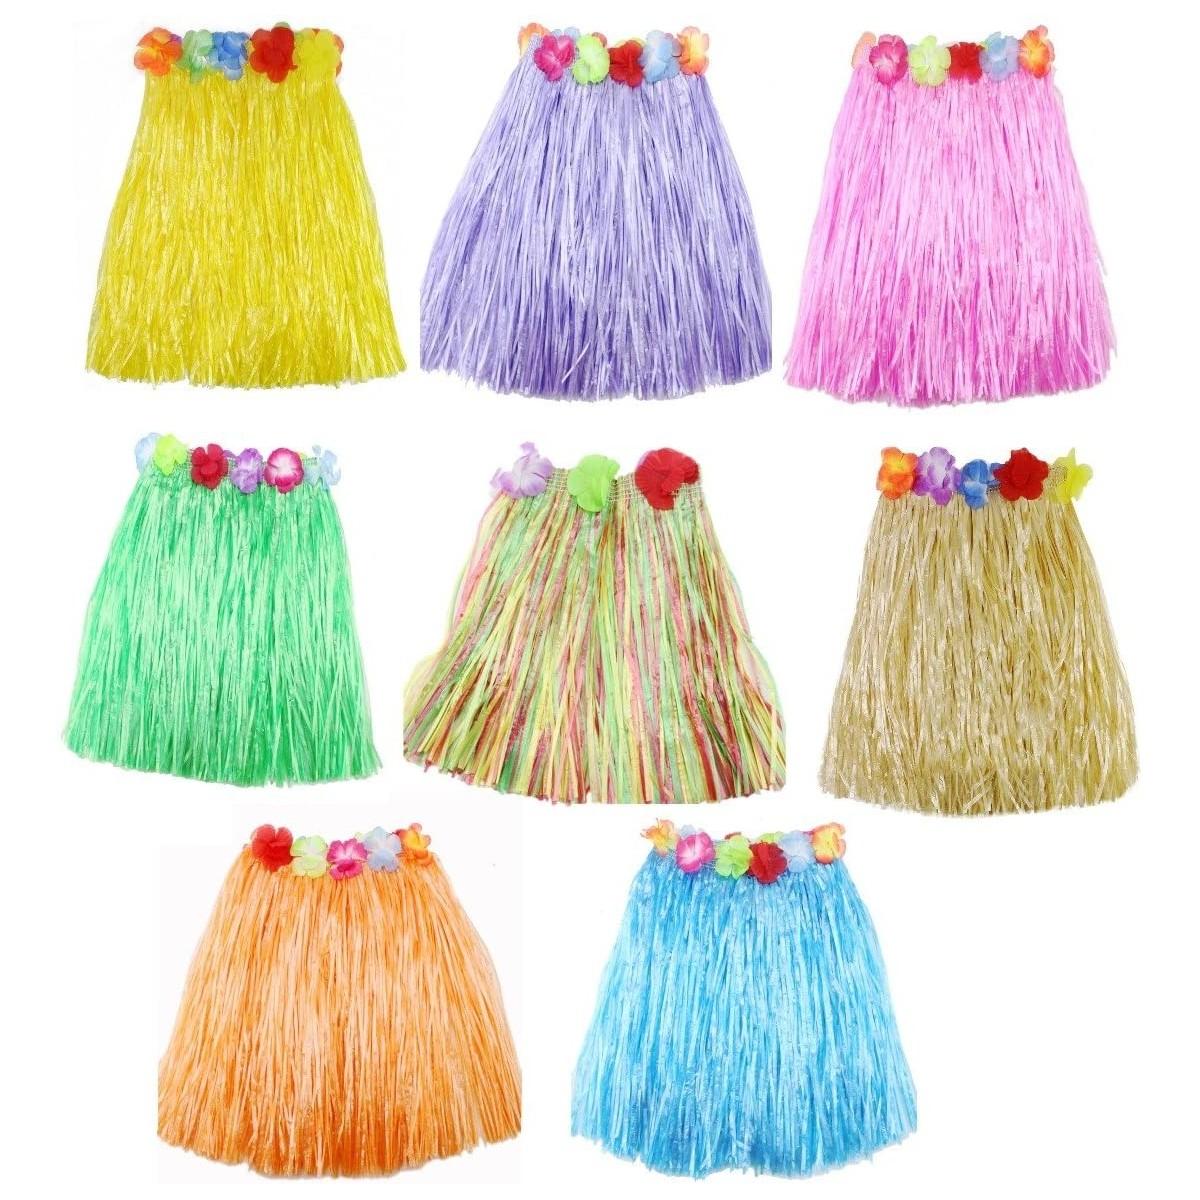 Set da 8 Gonne stile Hawaiana Hula, colori assortiti, elasticizzate